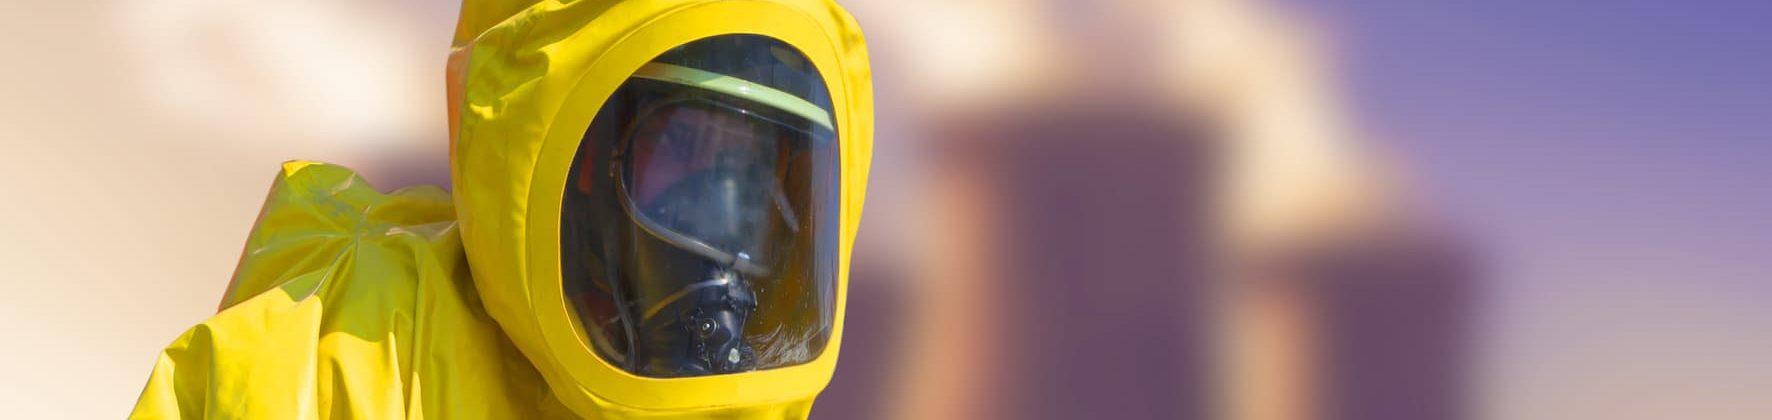 Infektionsschutz und Pandemiesets